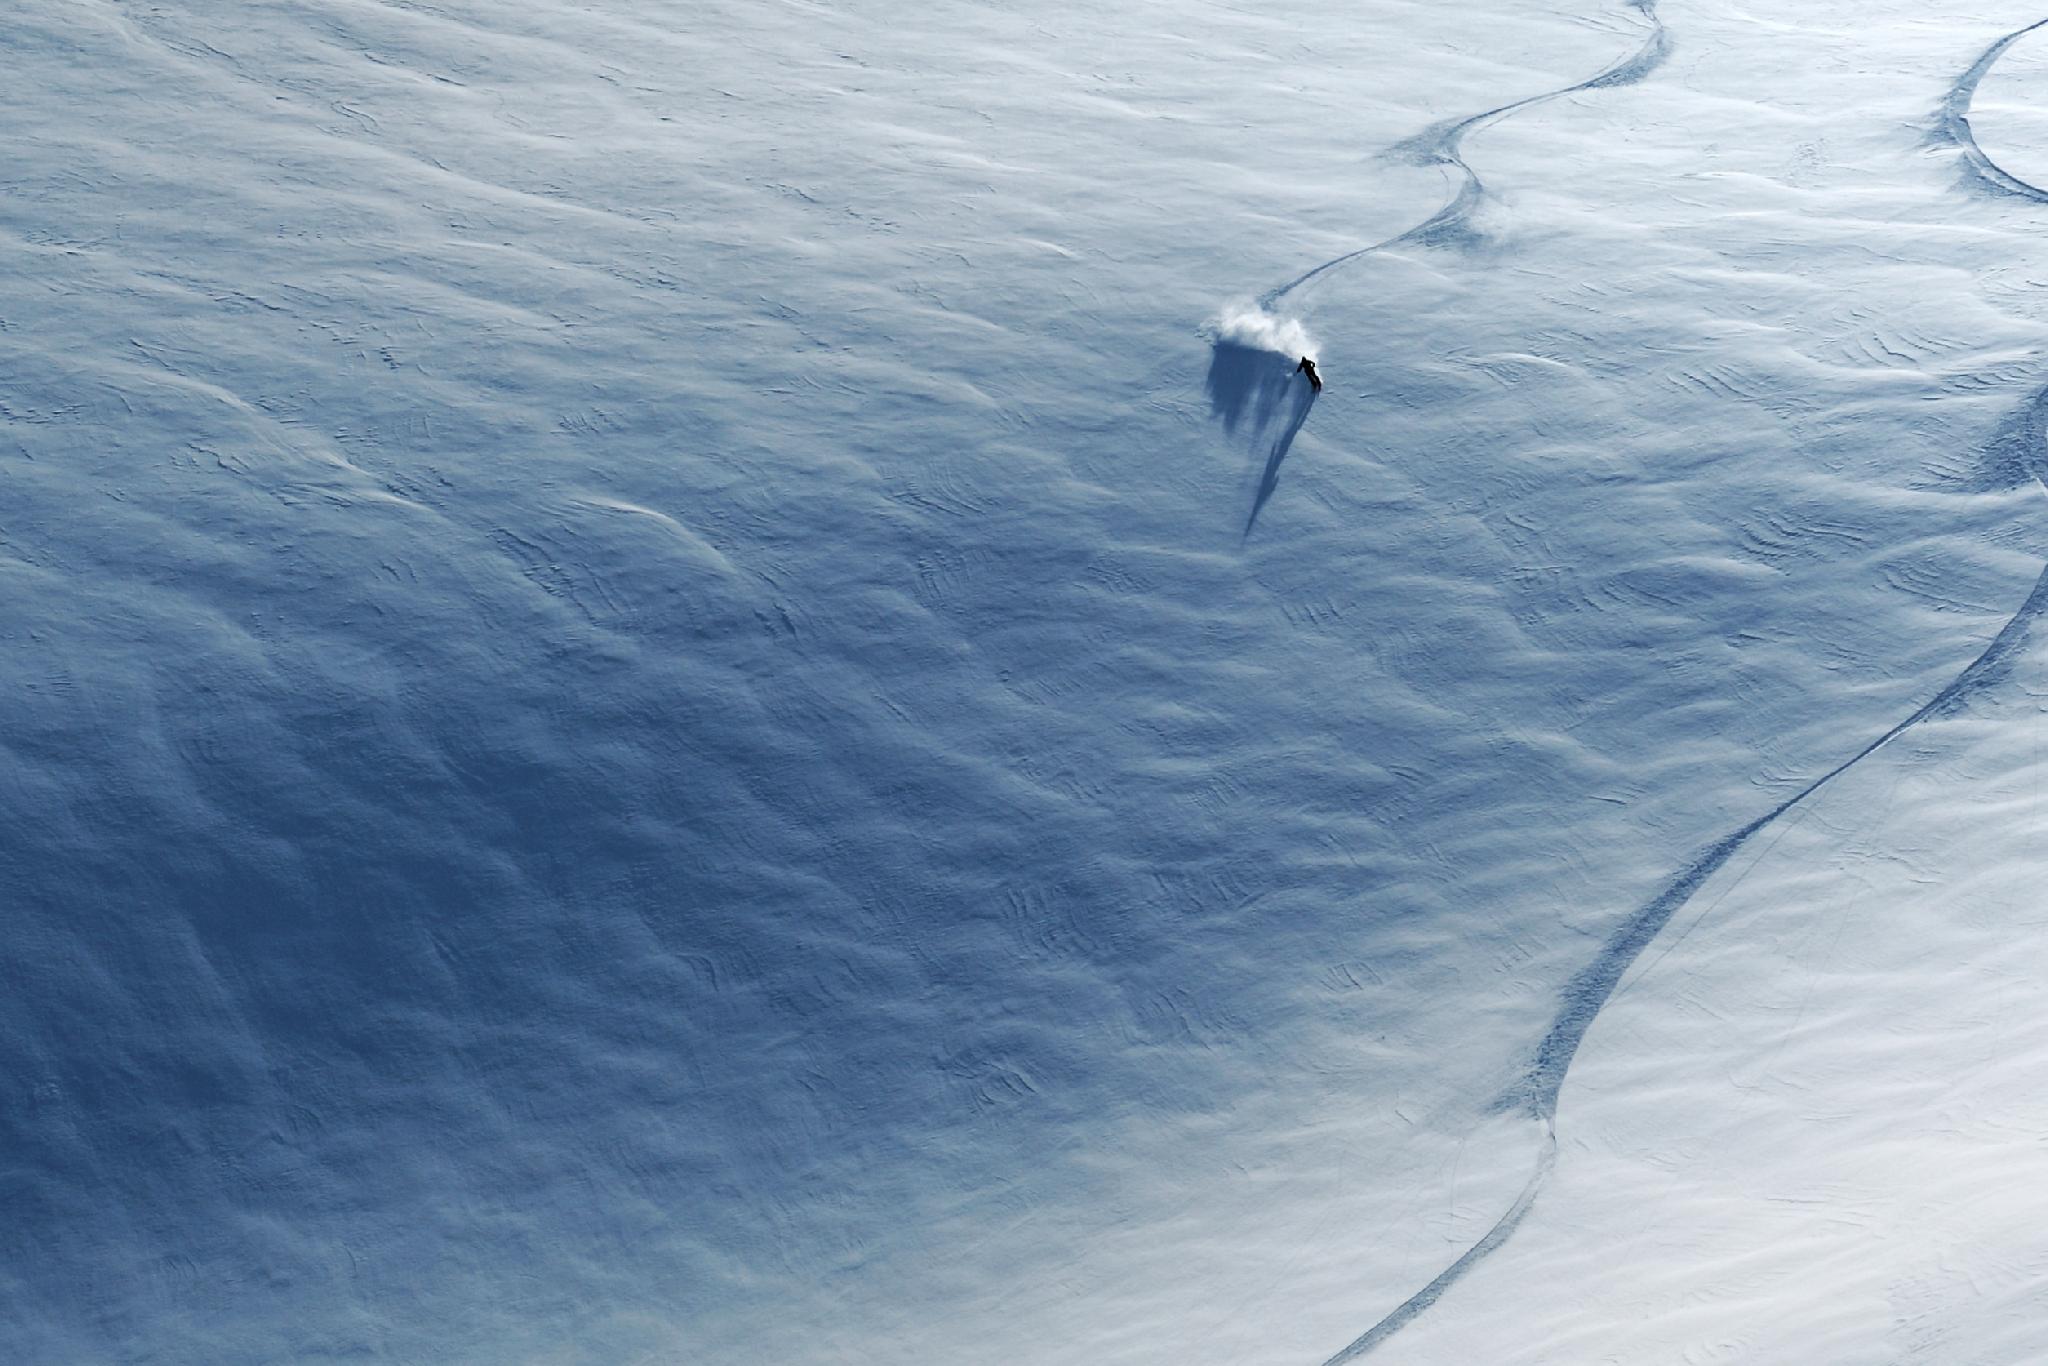 Sturm am Berg – Blick in die Schneedecke